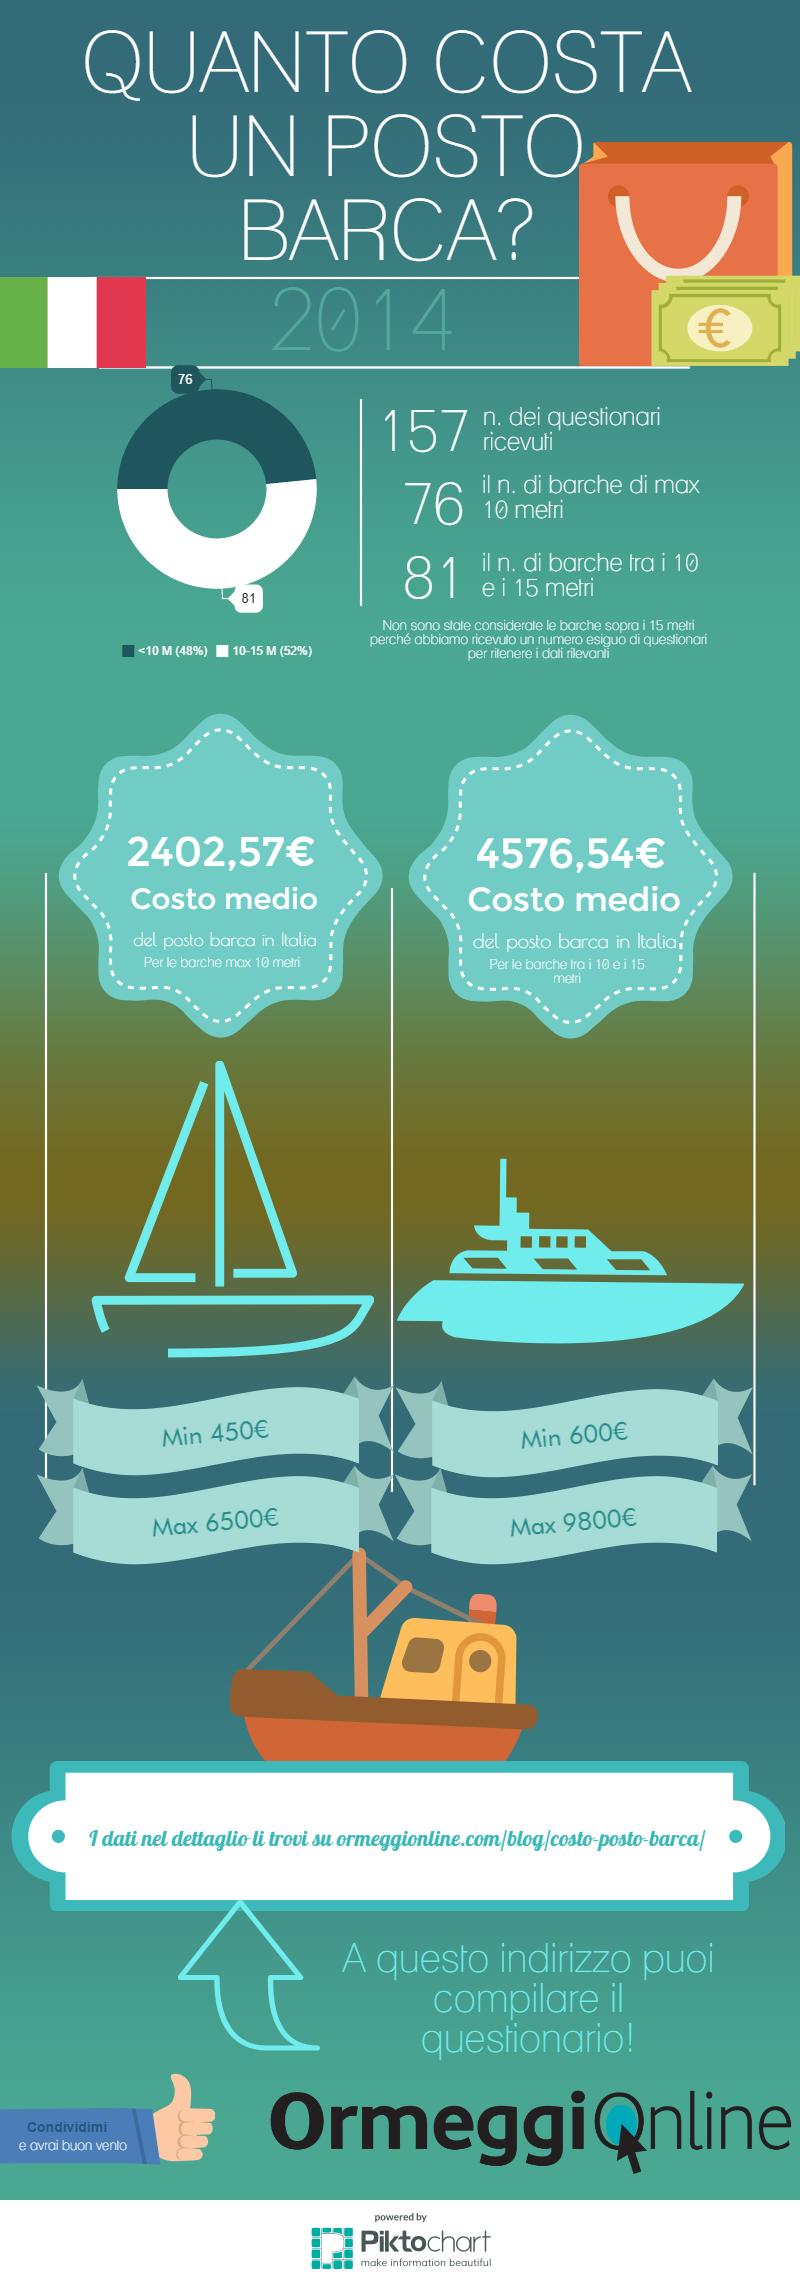 Quanto costa un posto barca in Italia- OrmeggiOnline Copy